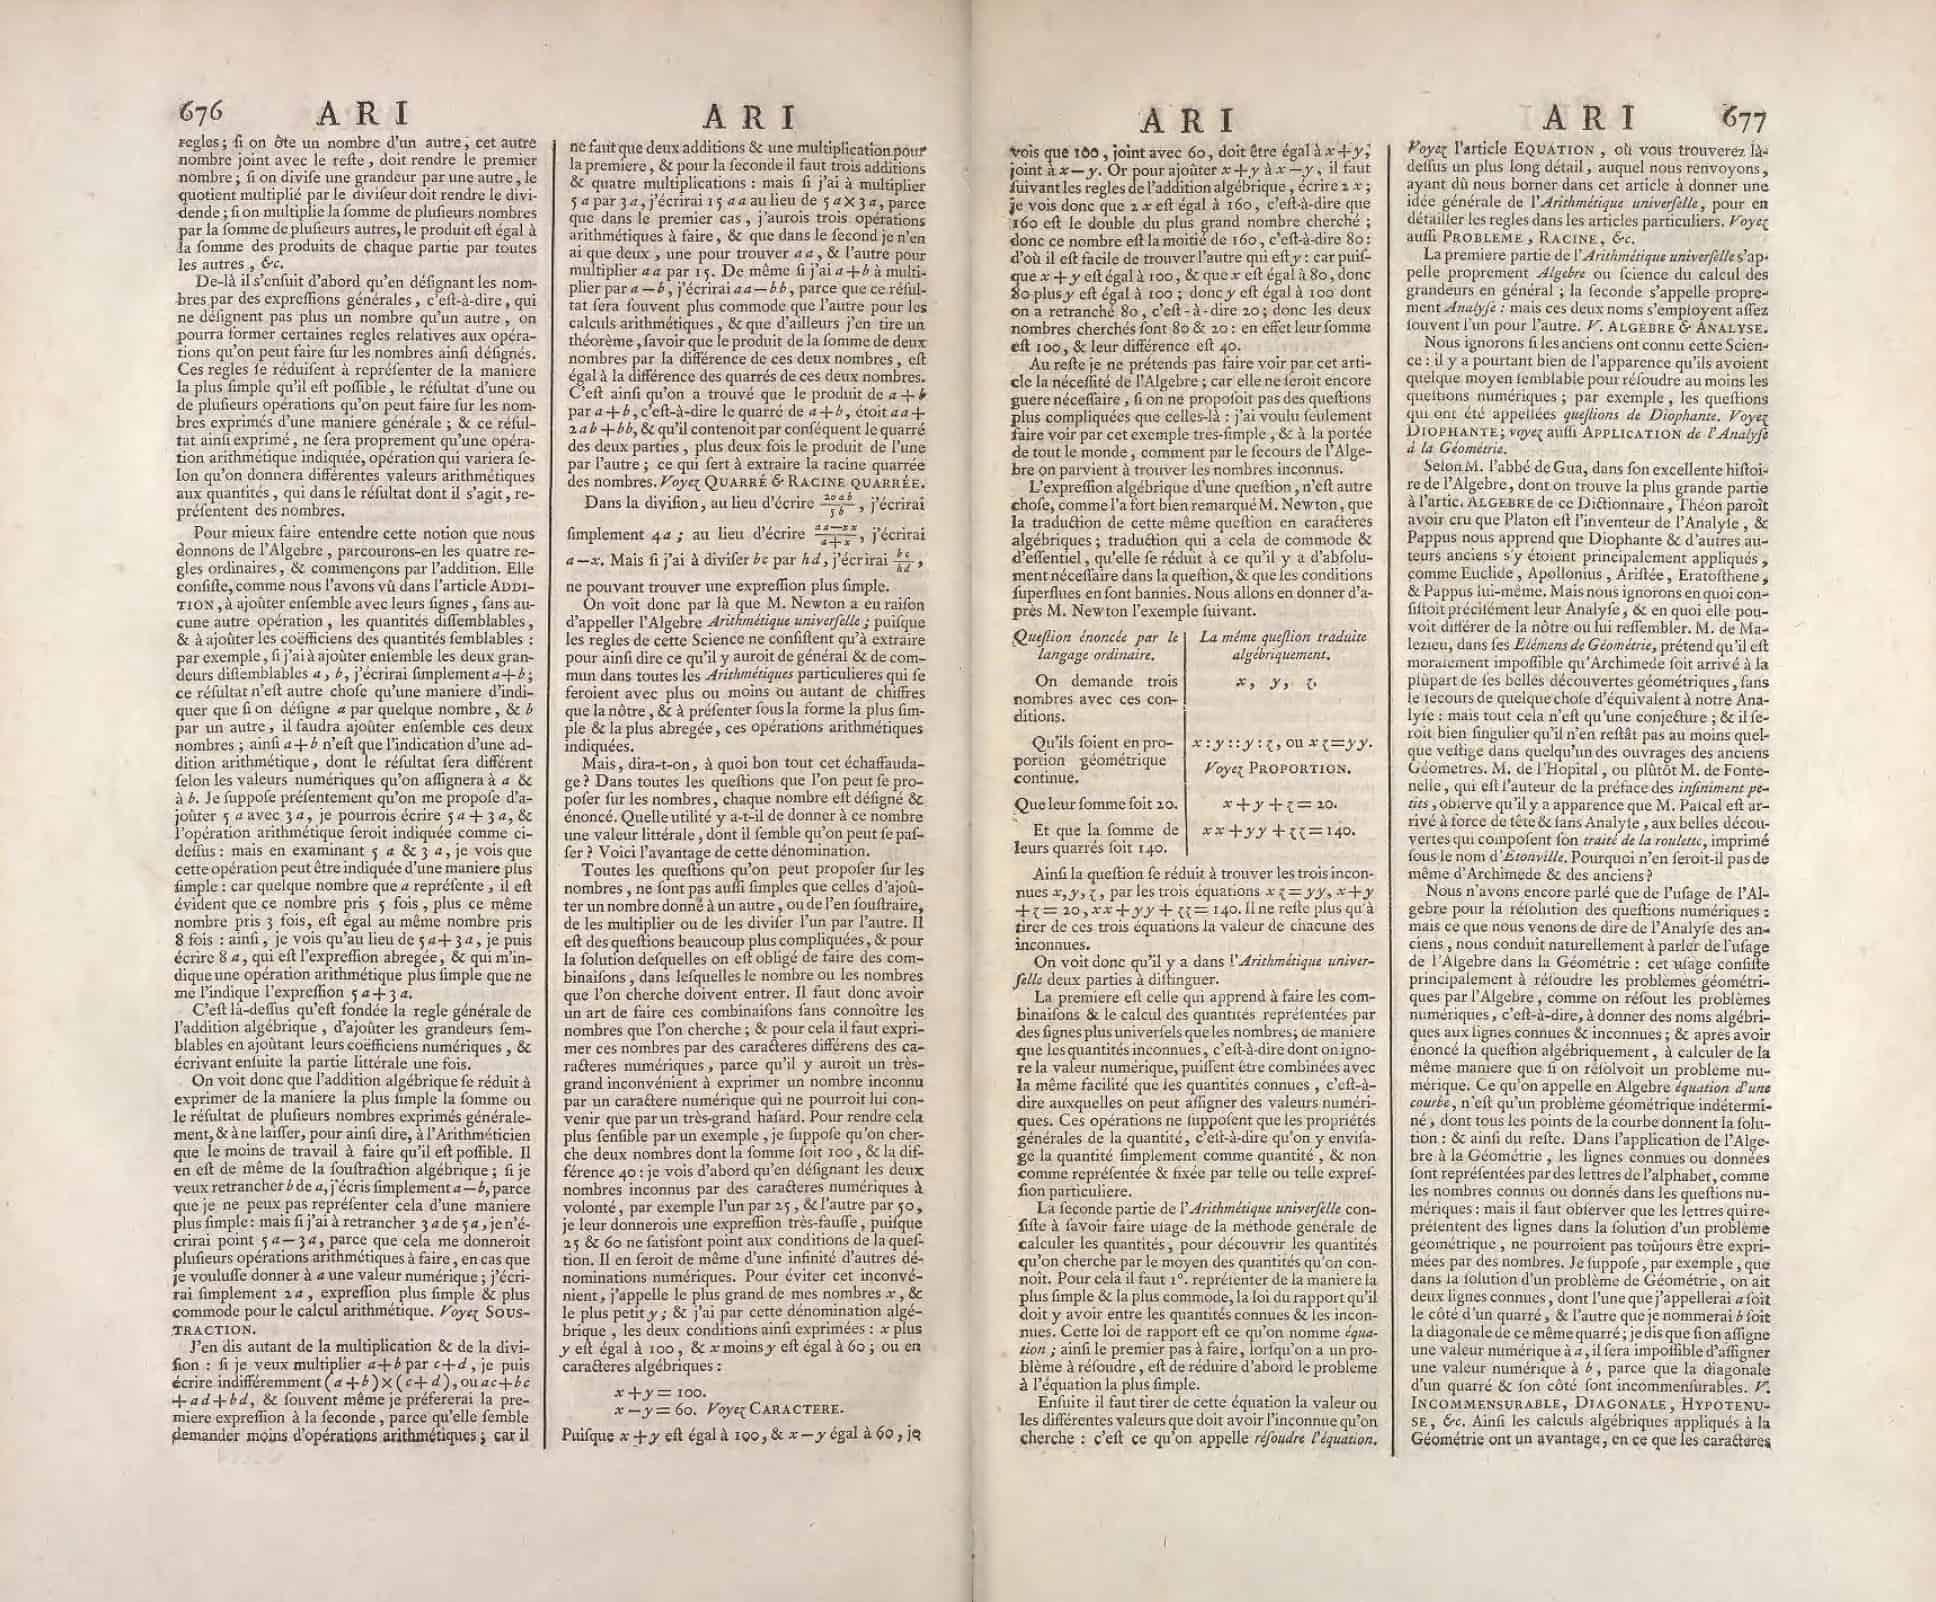 Primer besedila v enciklopediji.